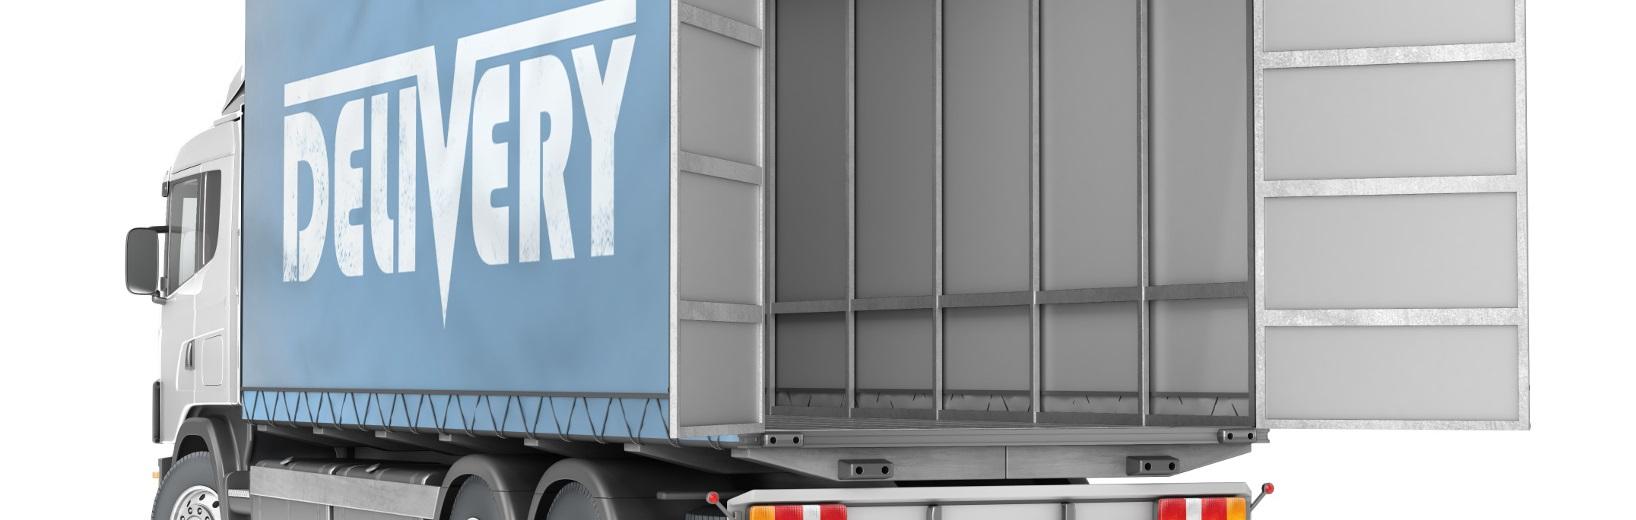 Freie Lkw-Kapazitäten besser nutzen mit künstlicher Intelligenz